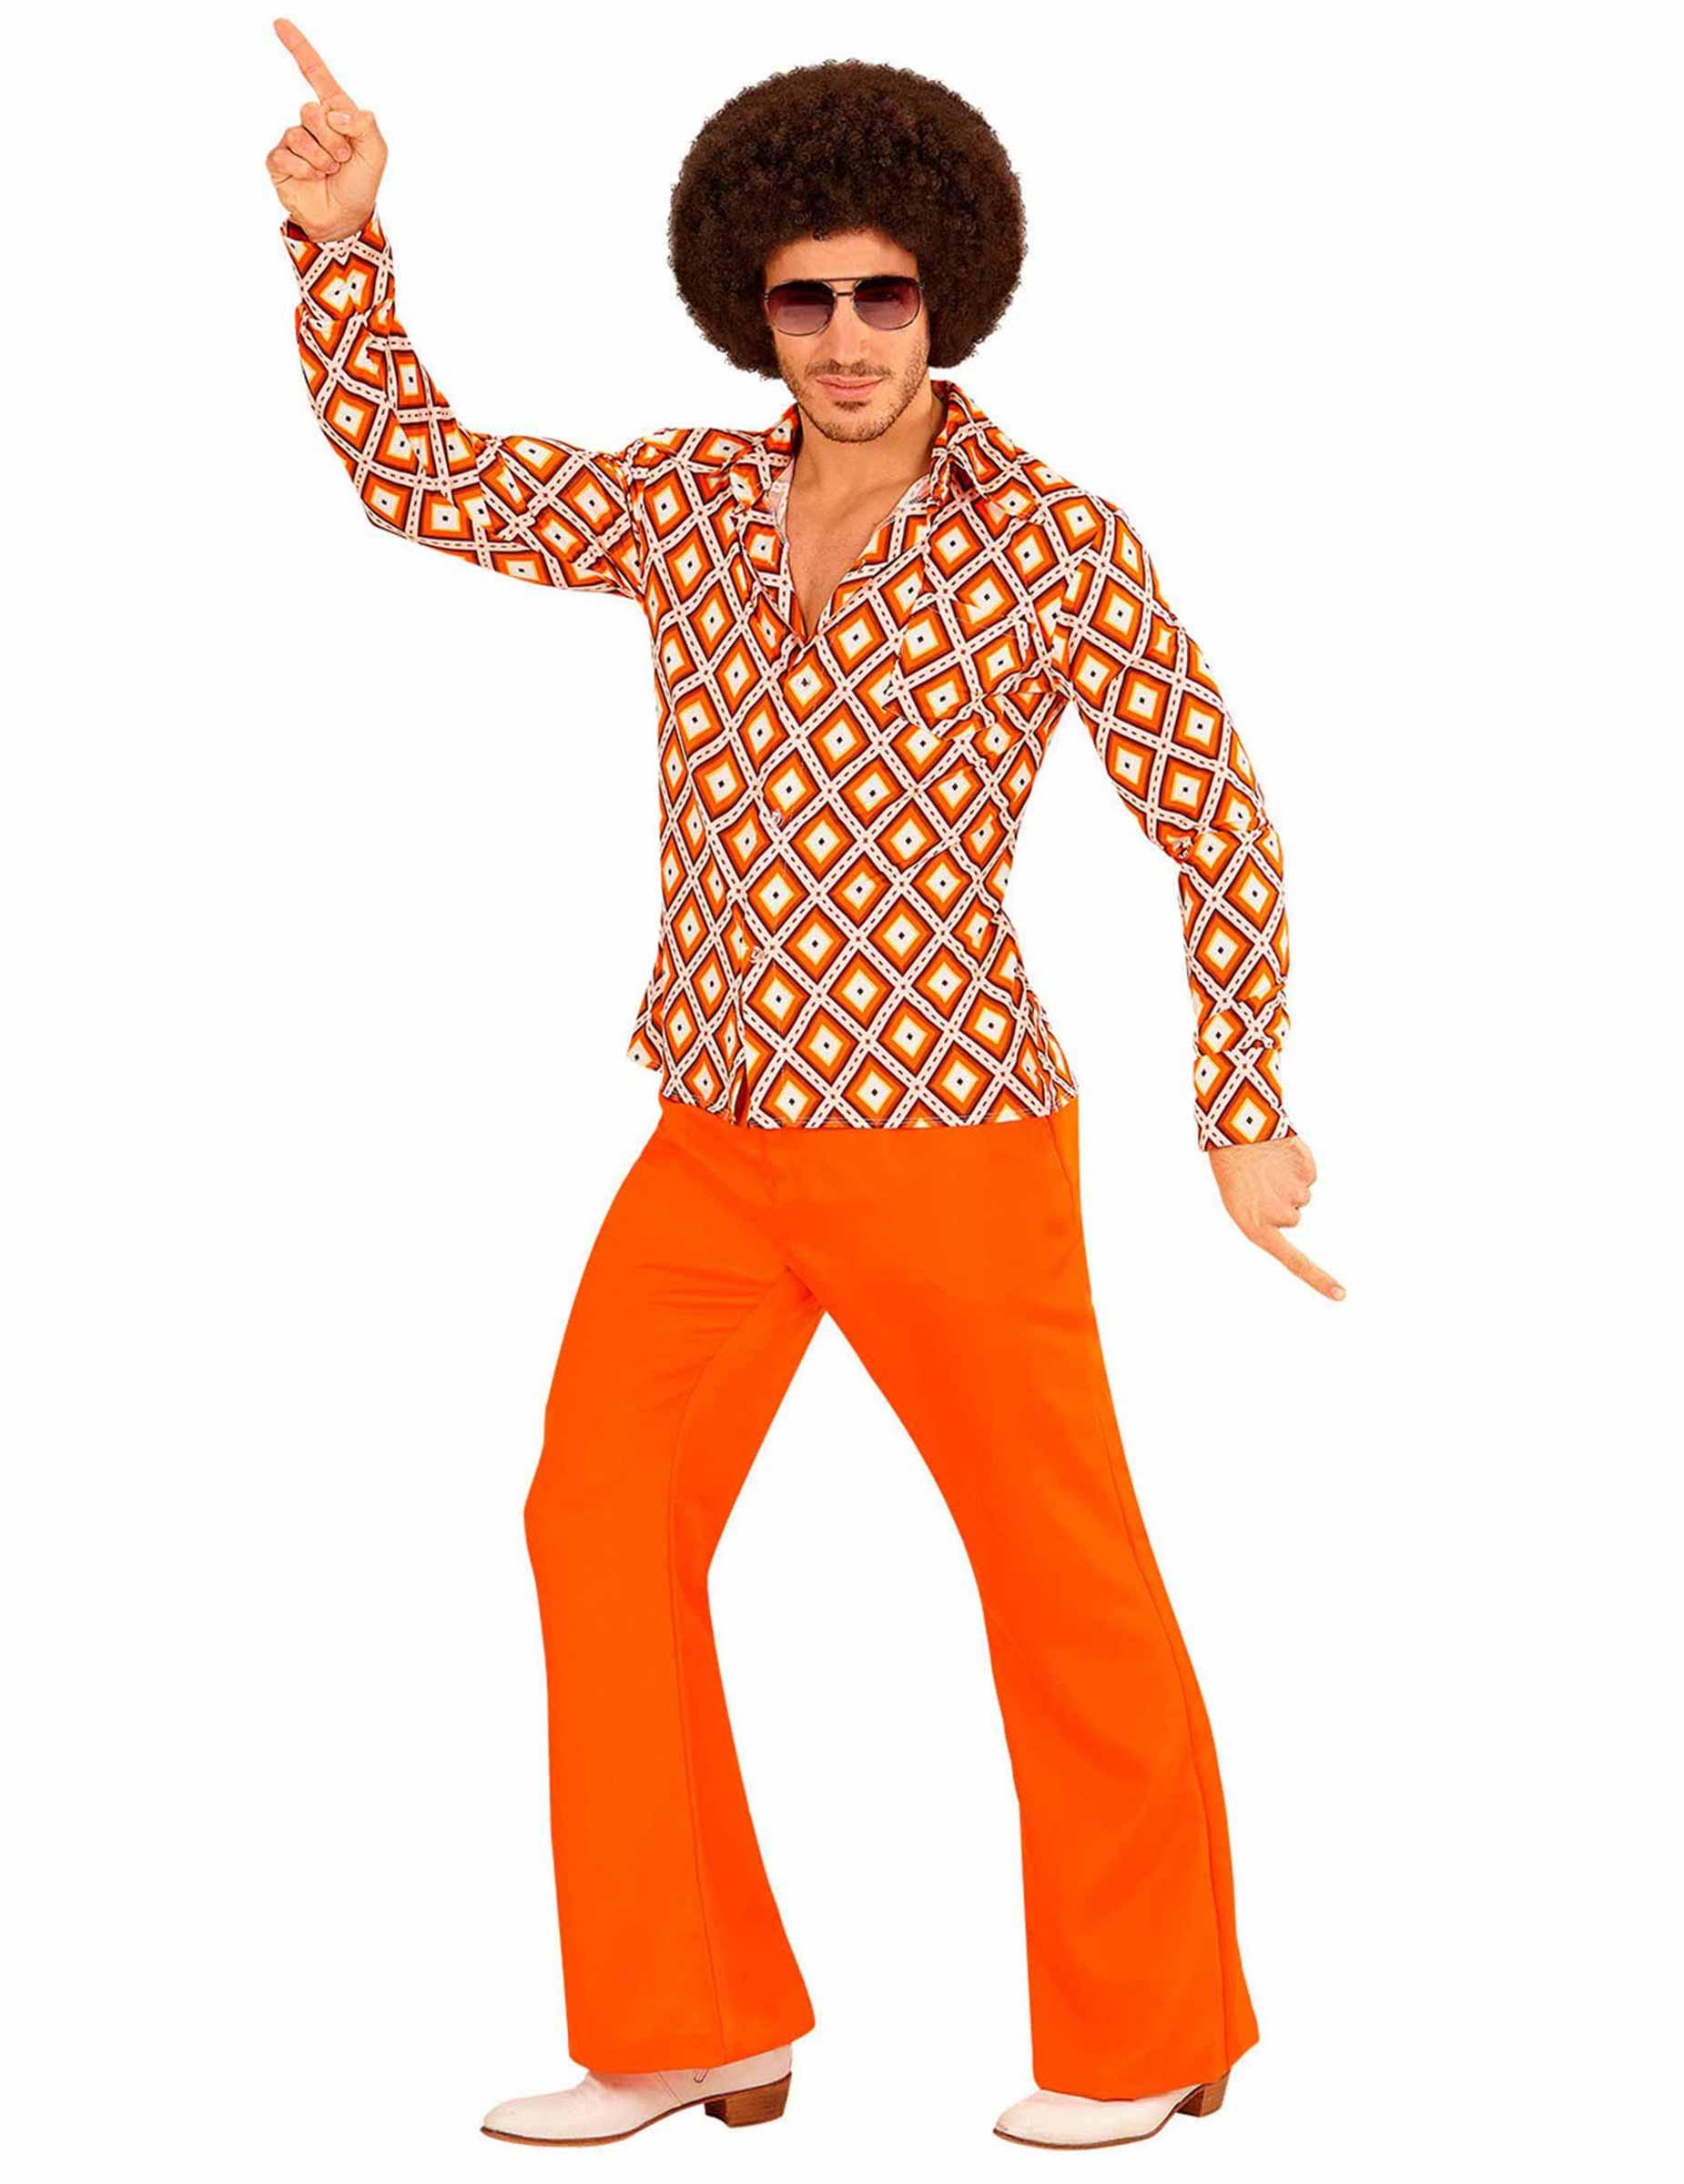 Uomo Anni 70.Camicia Disco Retro Anni 70 Arancione Per Uomo